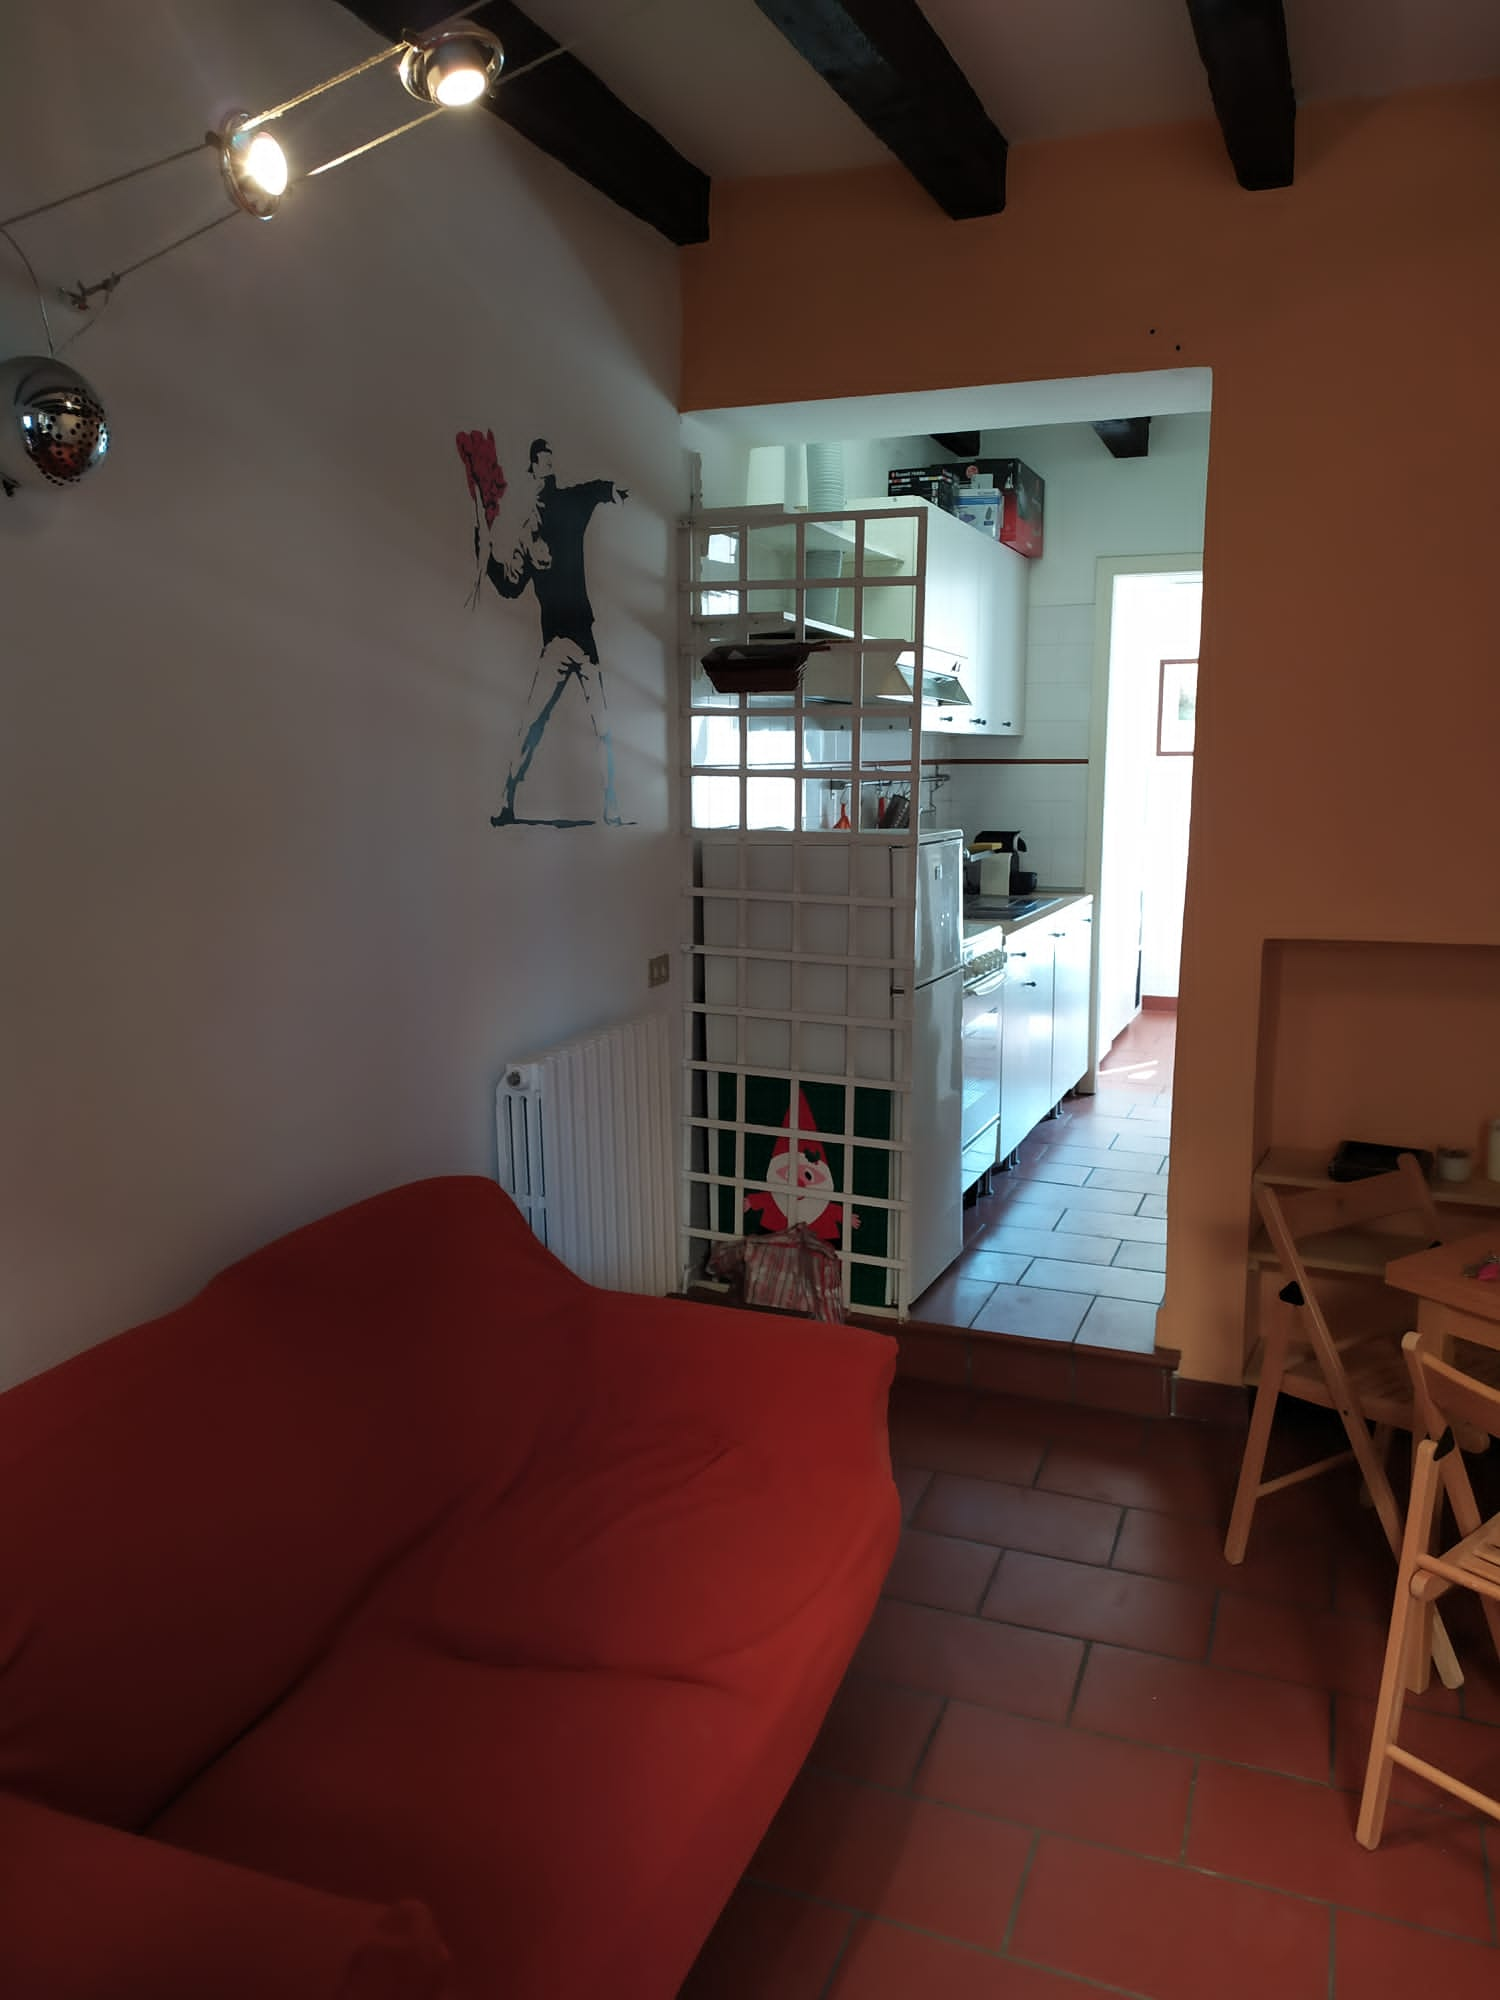 BILOCALE ZONA CORSO DI PORTA TICINESE RIF. 2165